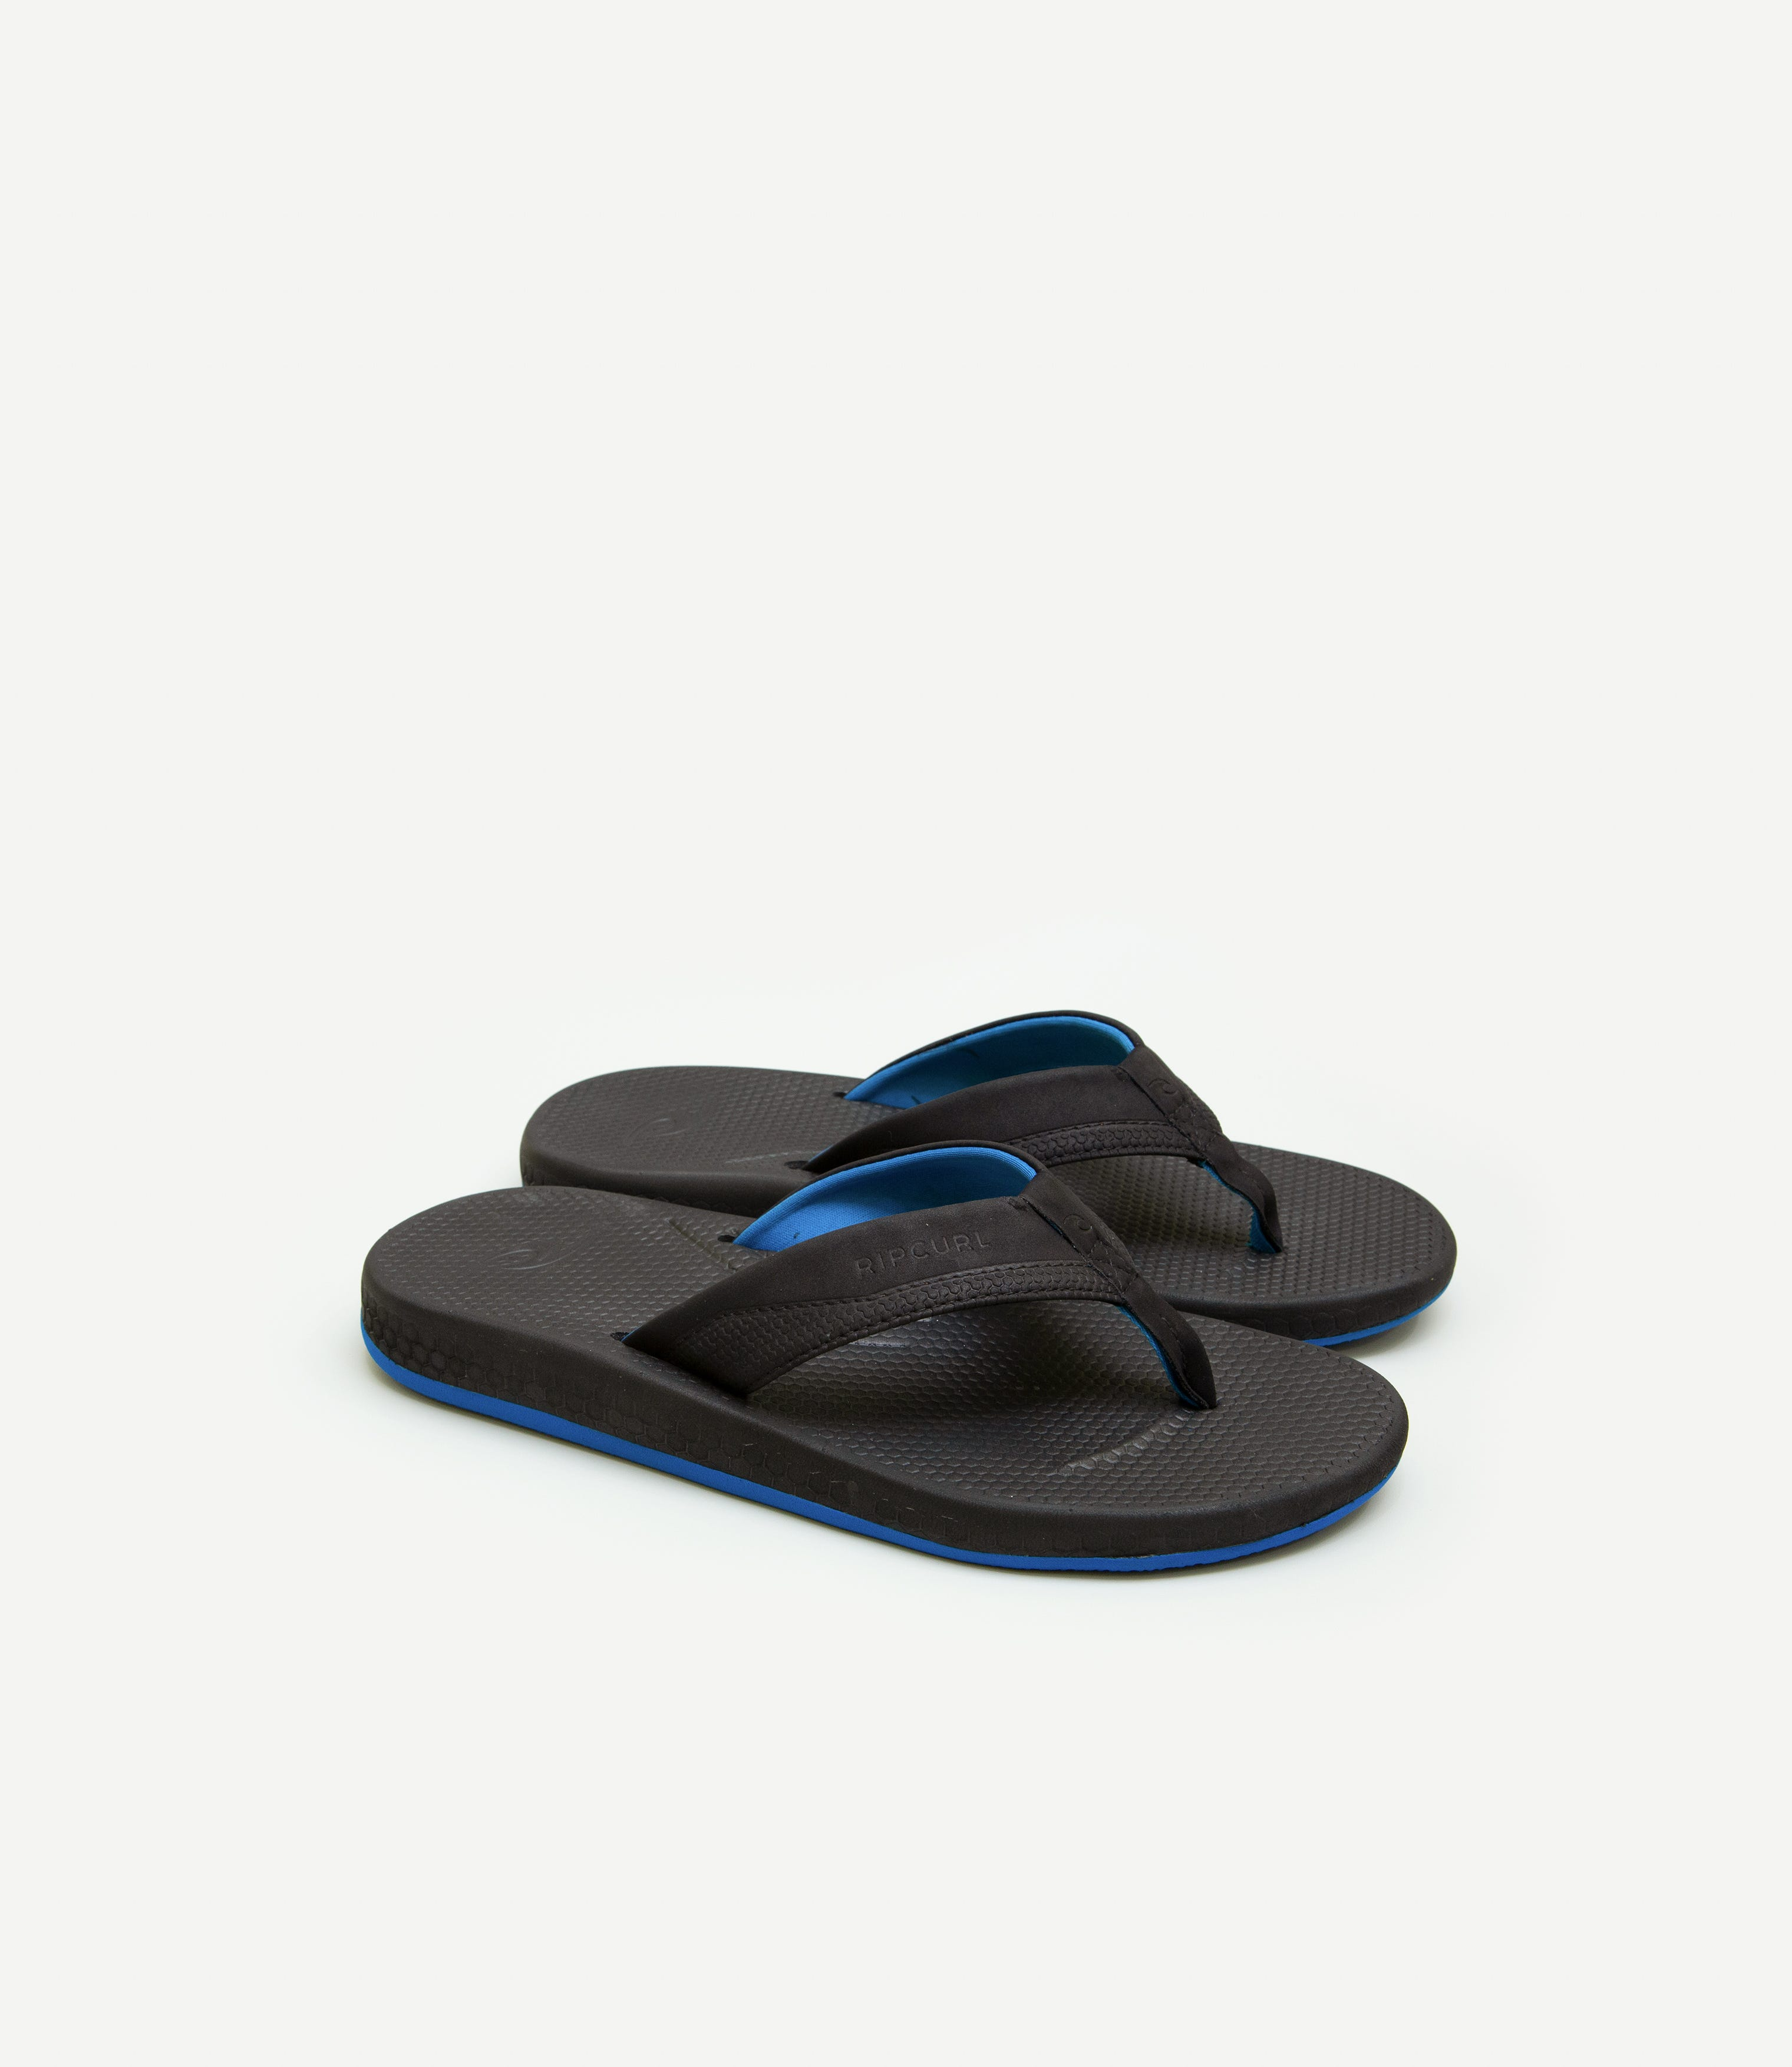 Mens Rip Curl Sonar Slide Black Sandal Flip Flop